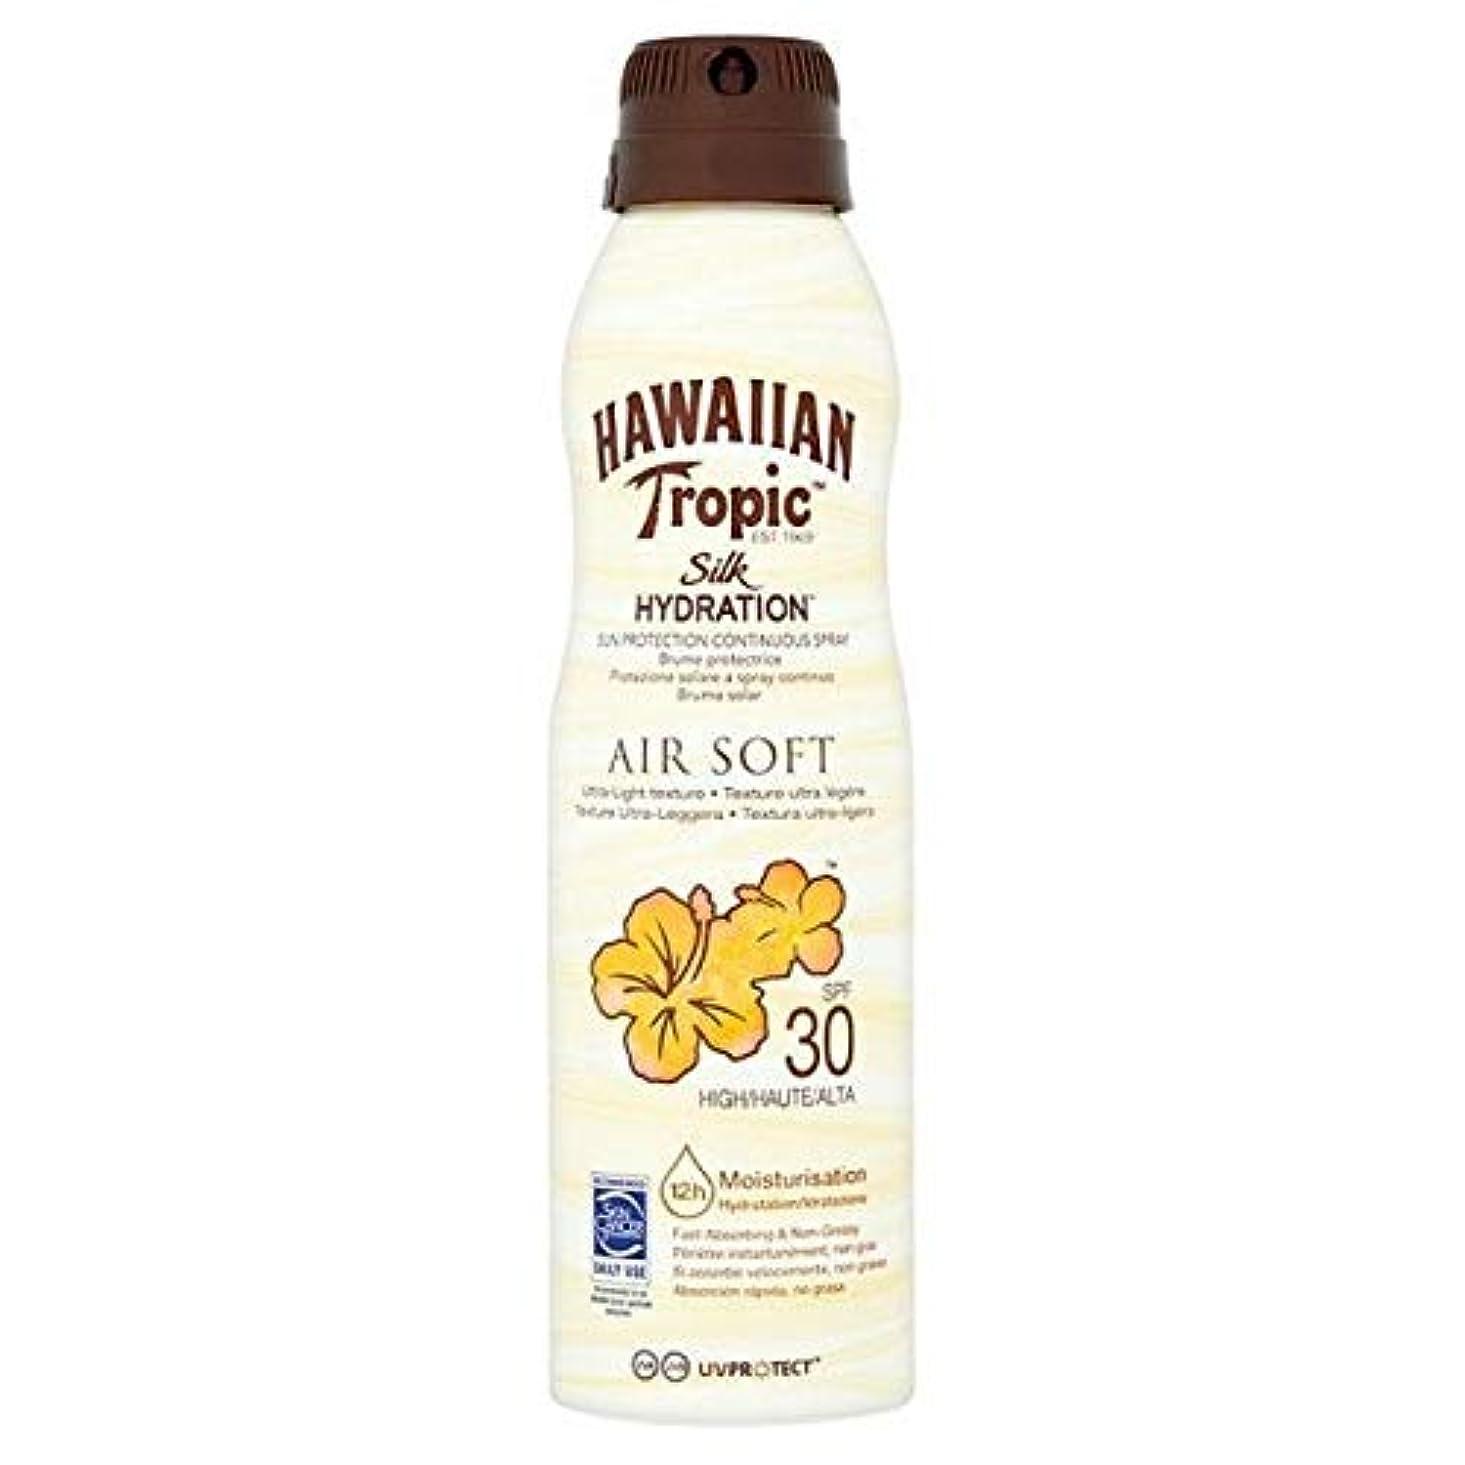 思慮深いモート反乱[Hawaiian Tropic ] H /向性絹水和エアガン連続スプレーSpf30の177ミリリットル - H/Tropic Silk Hydration Airsoft Continuous Spray SPF30...